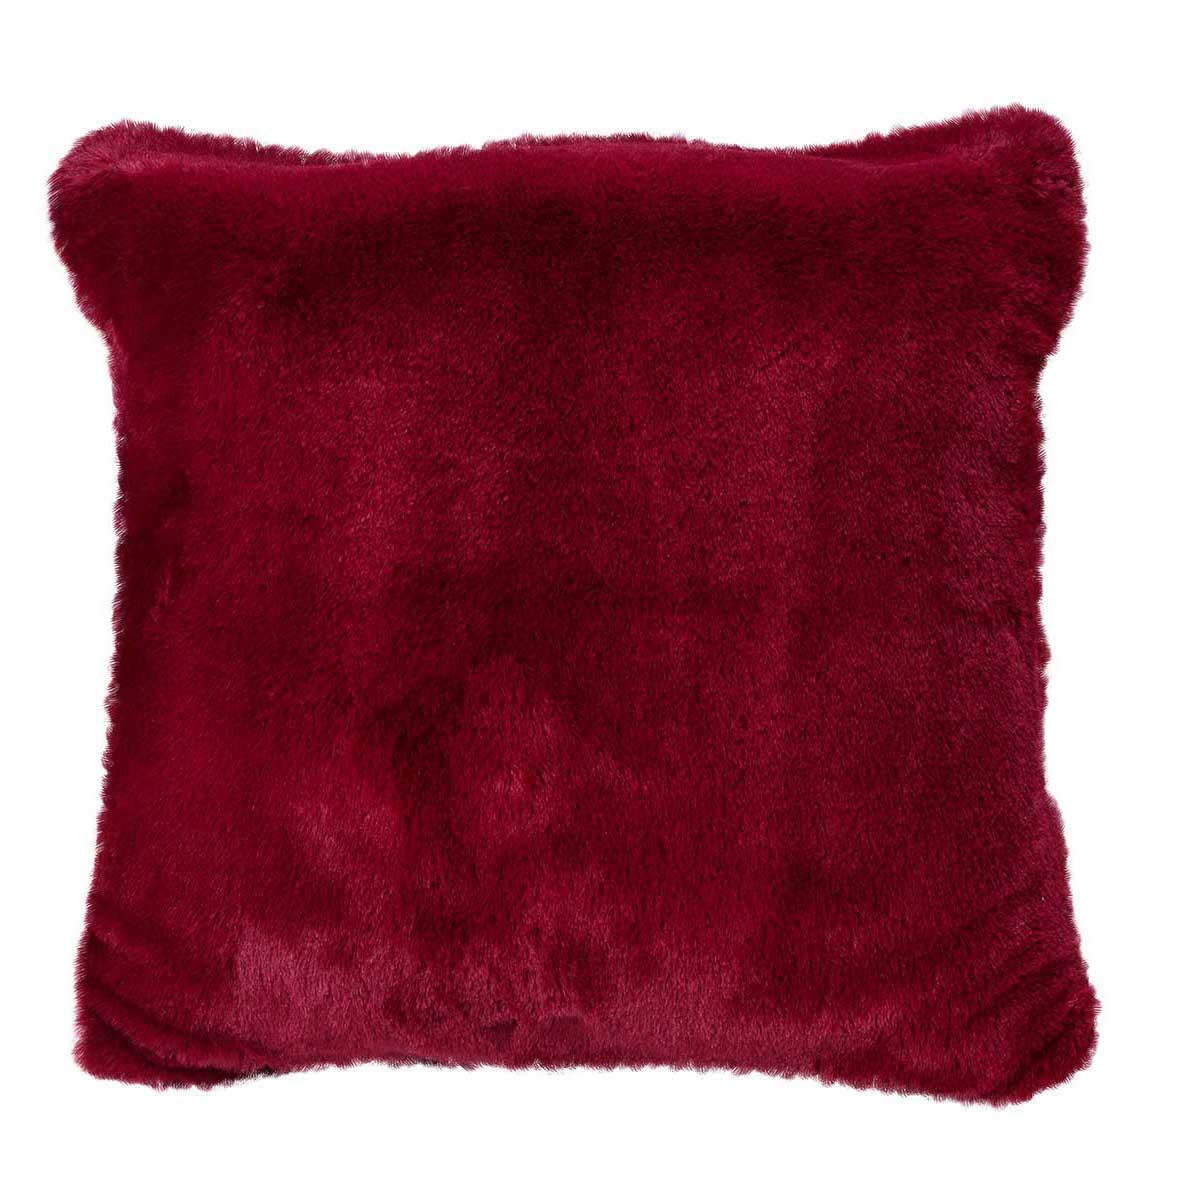 Housse de coussin en imitation fourrure polyester griotte 45x45